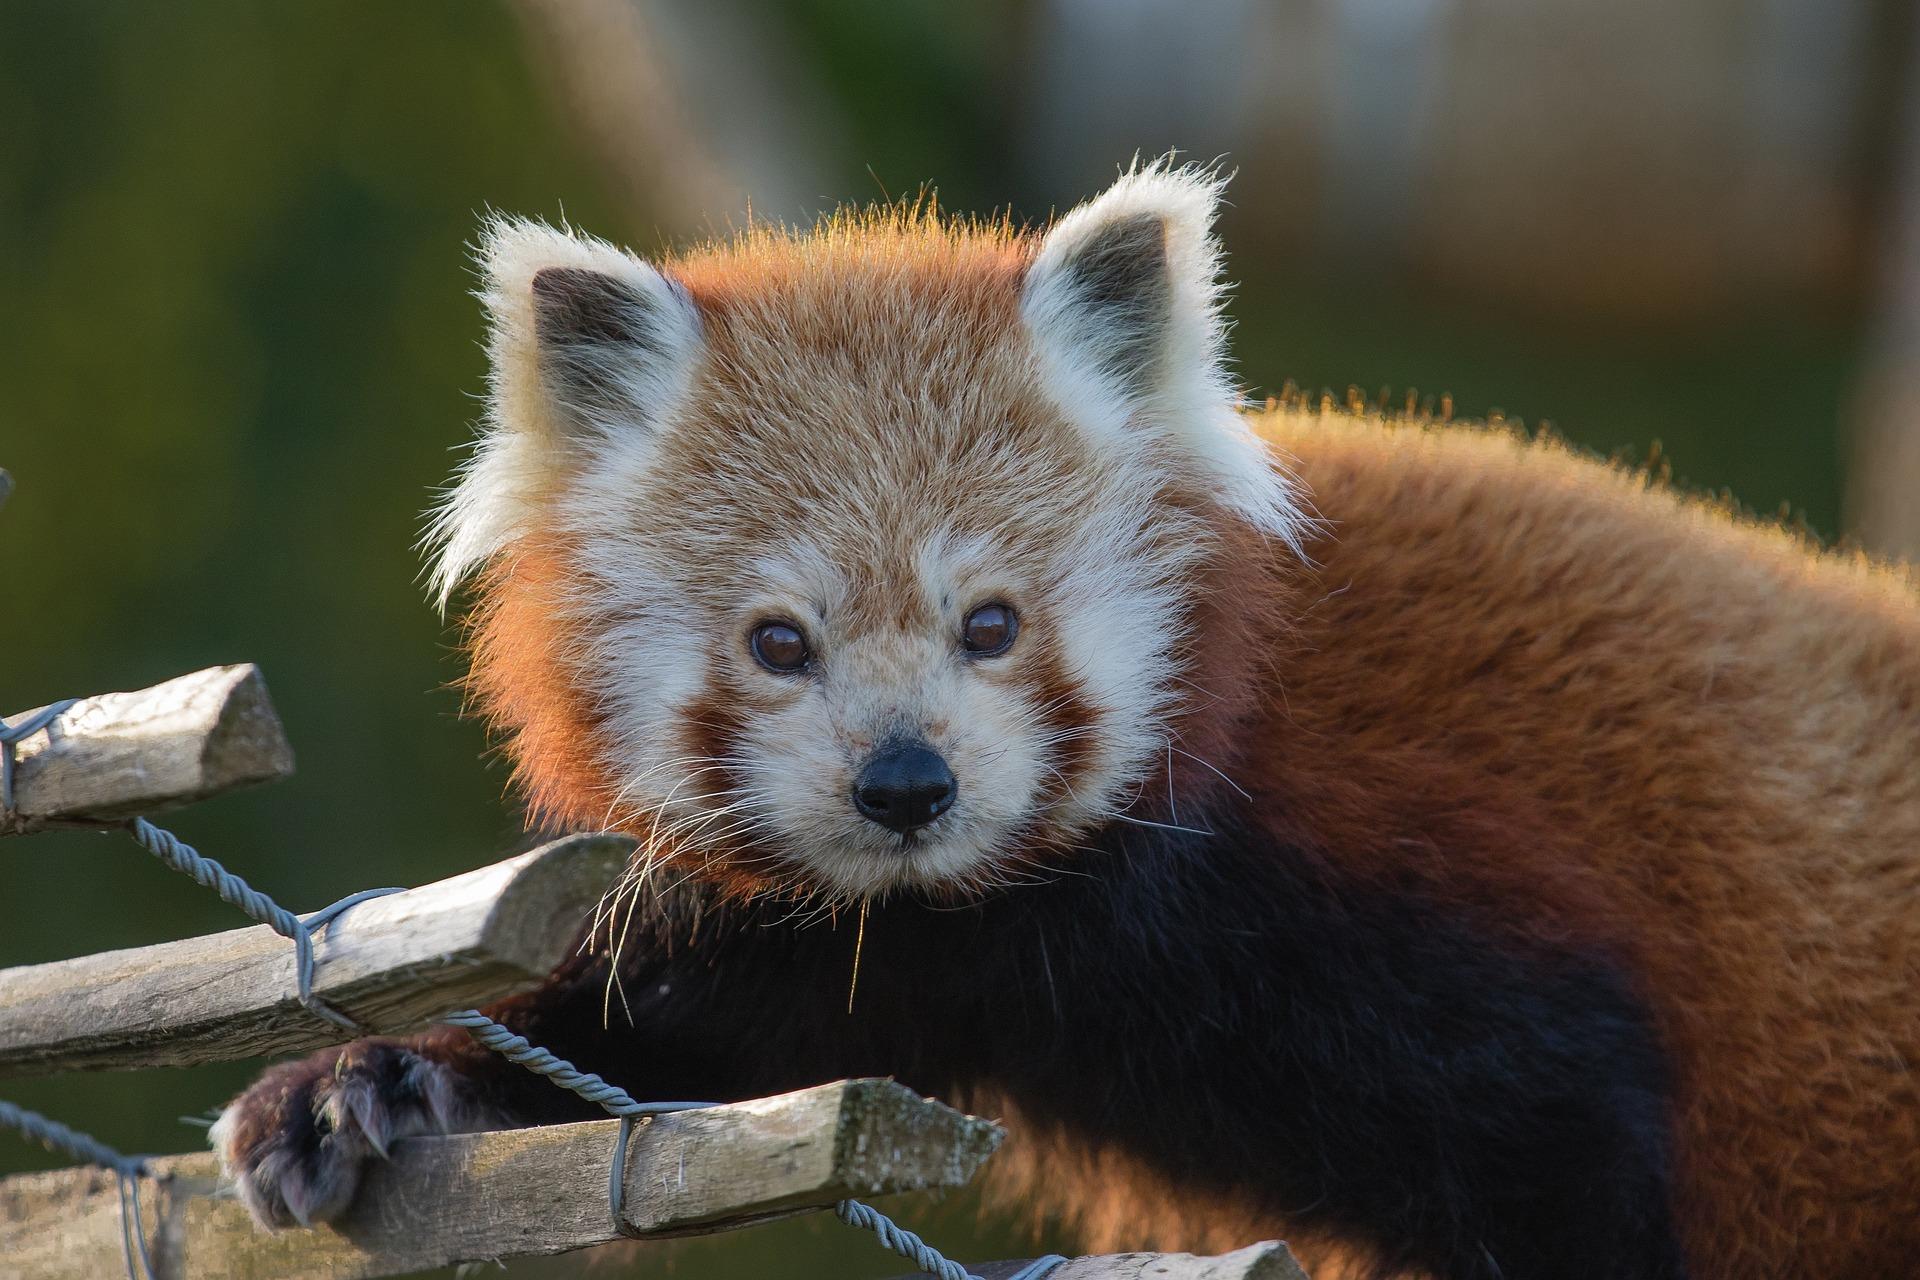 Красная панда, лицо, Смотреть, тендер, Дикая жизнь - Обои - Профессор falken.com